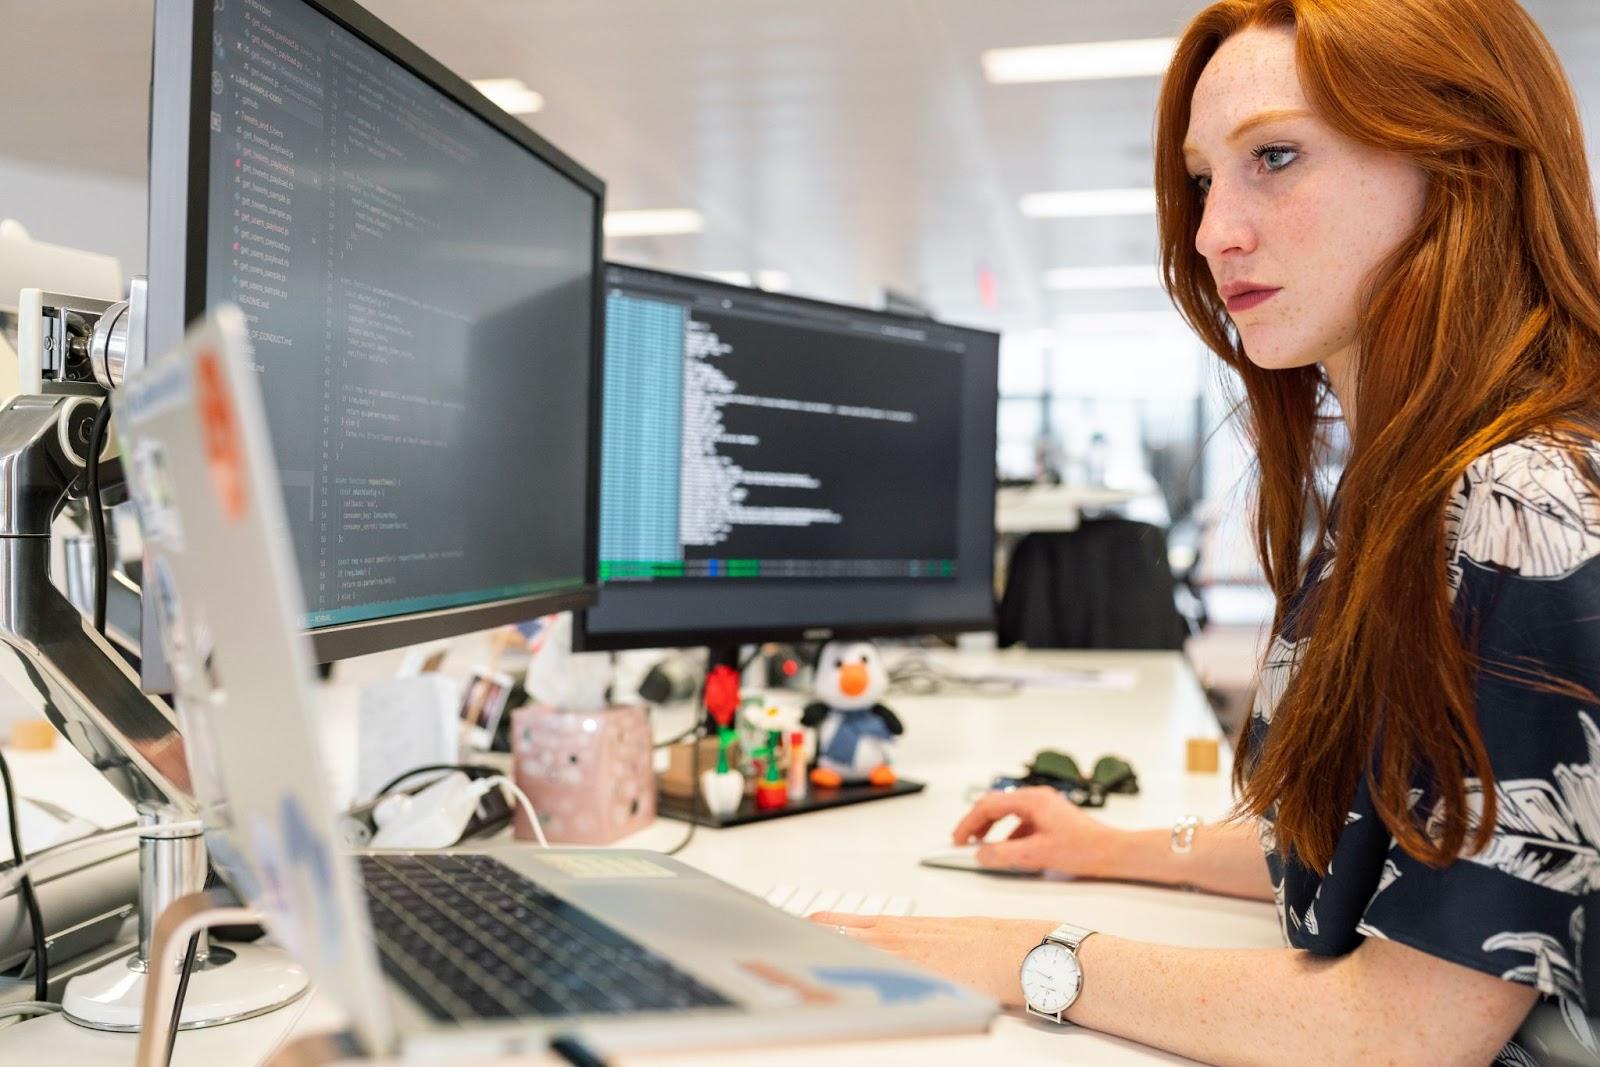 Aktualisiere deine Software - Billbee